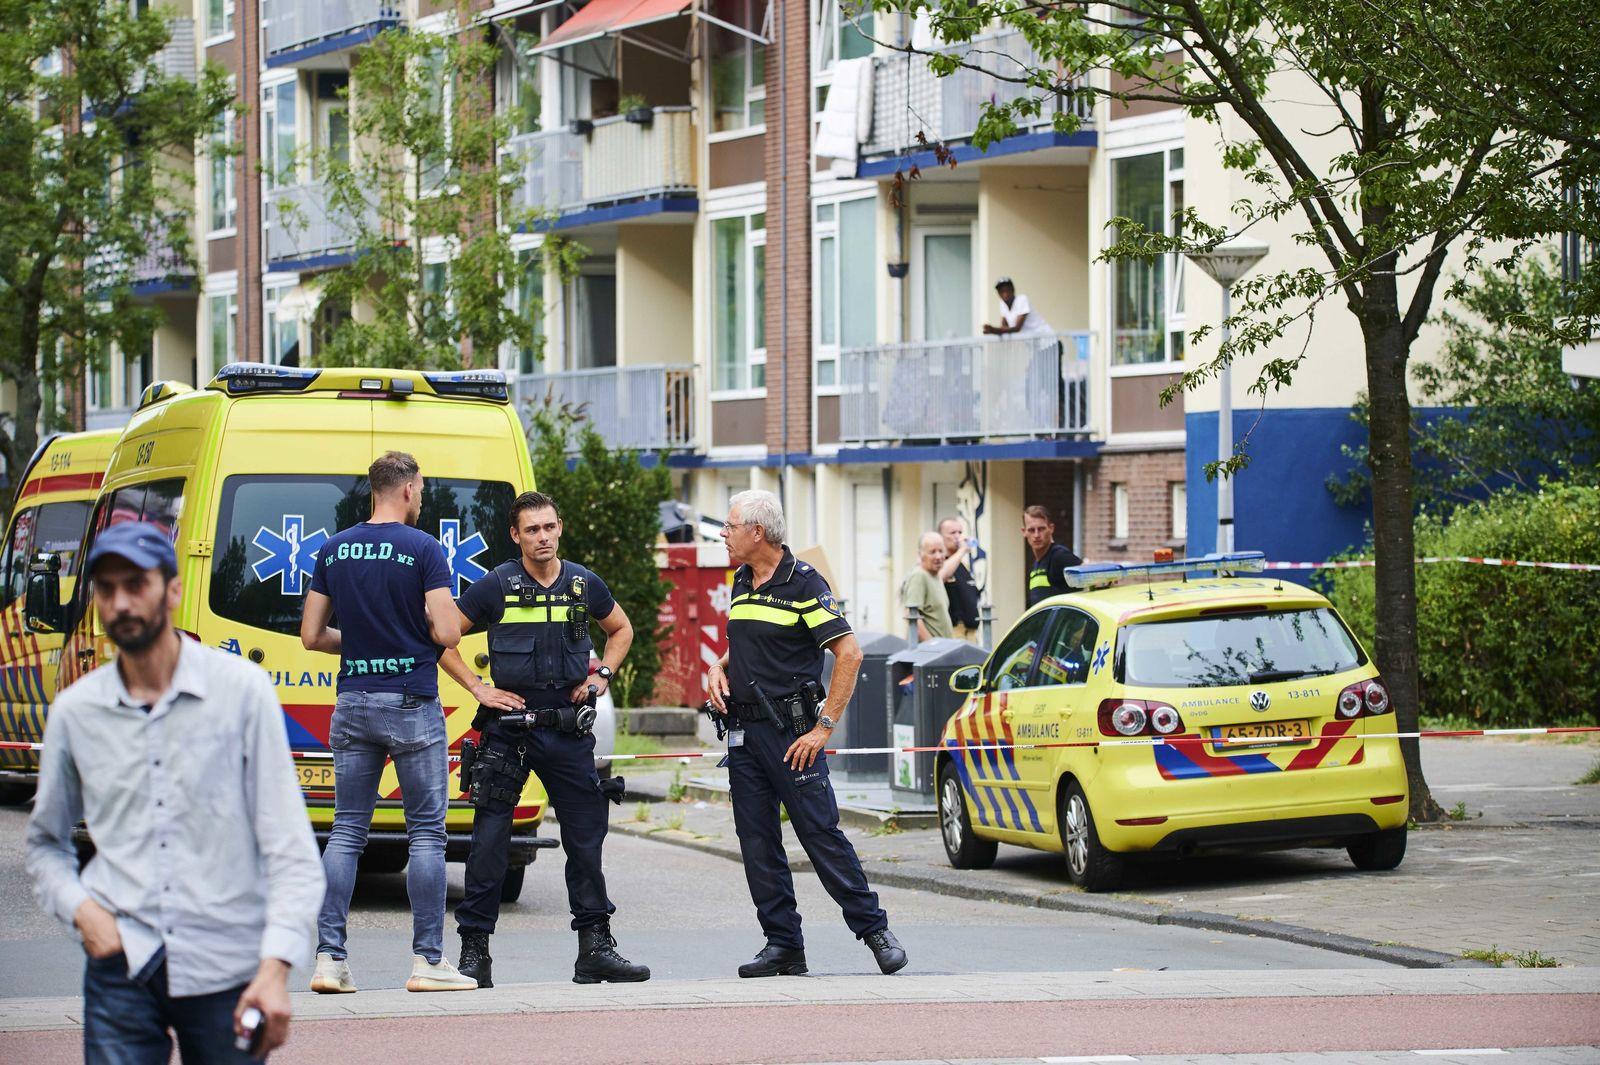 Deutscher in Amsterdam erschossen